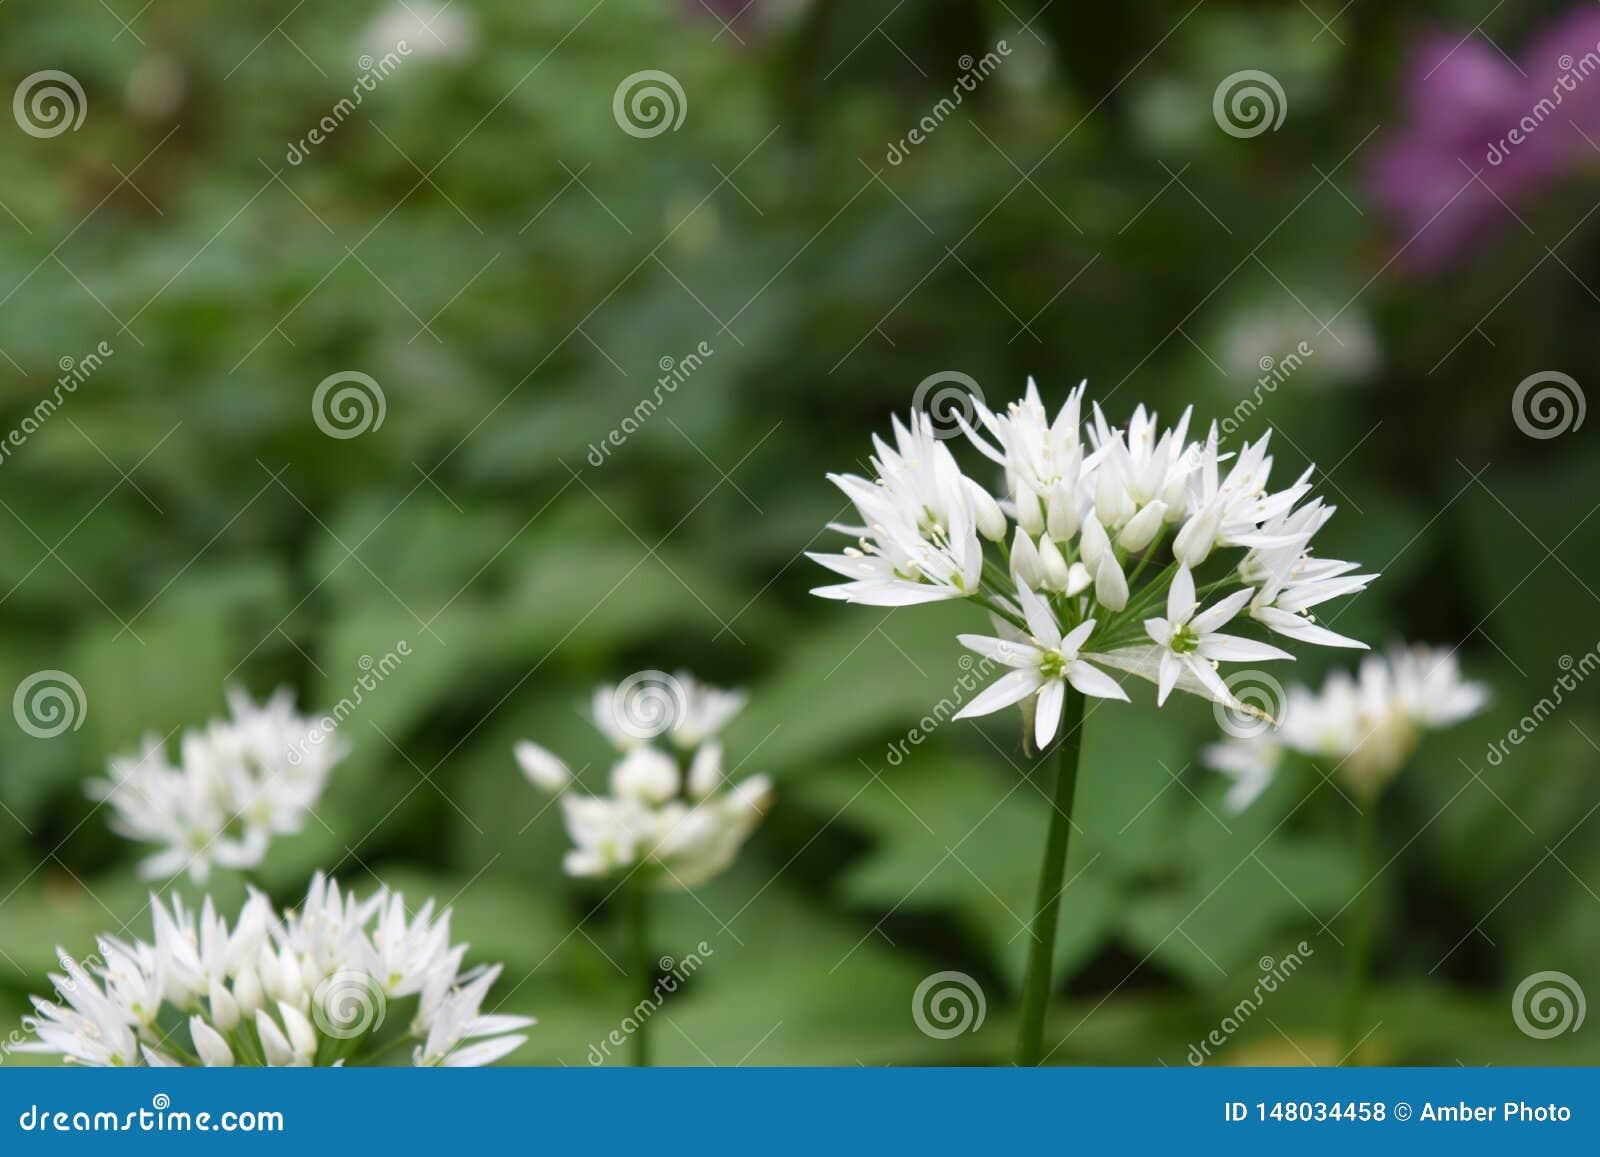 De witte Wilde Bloesem van de Knoflookbloem op Natuurlijke Groene Achtergrond